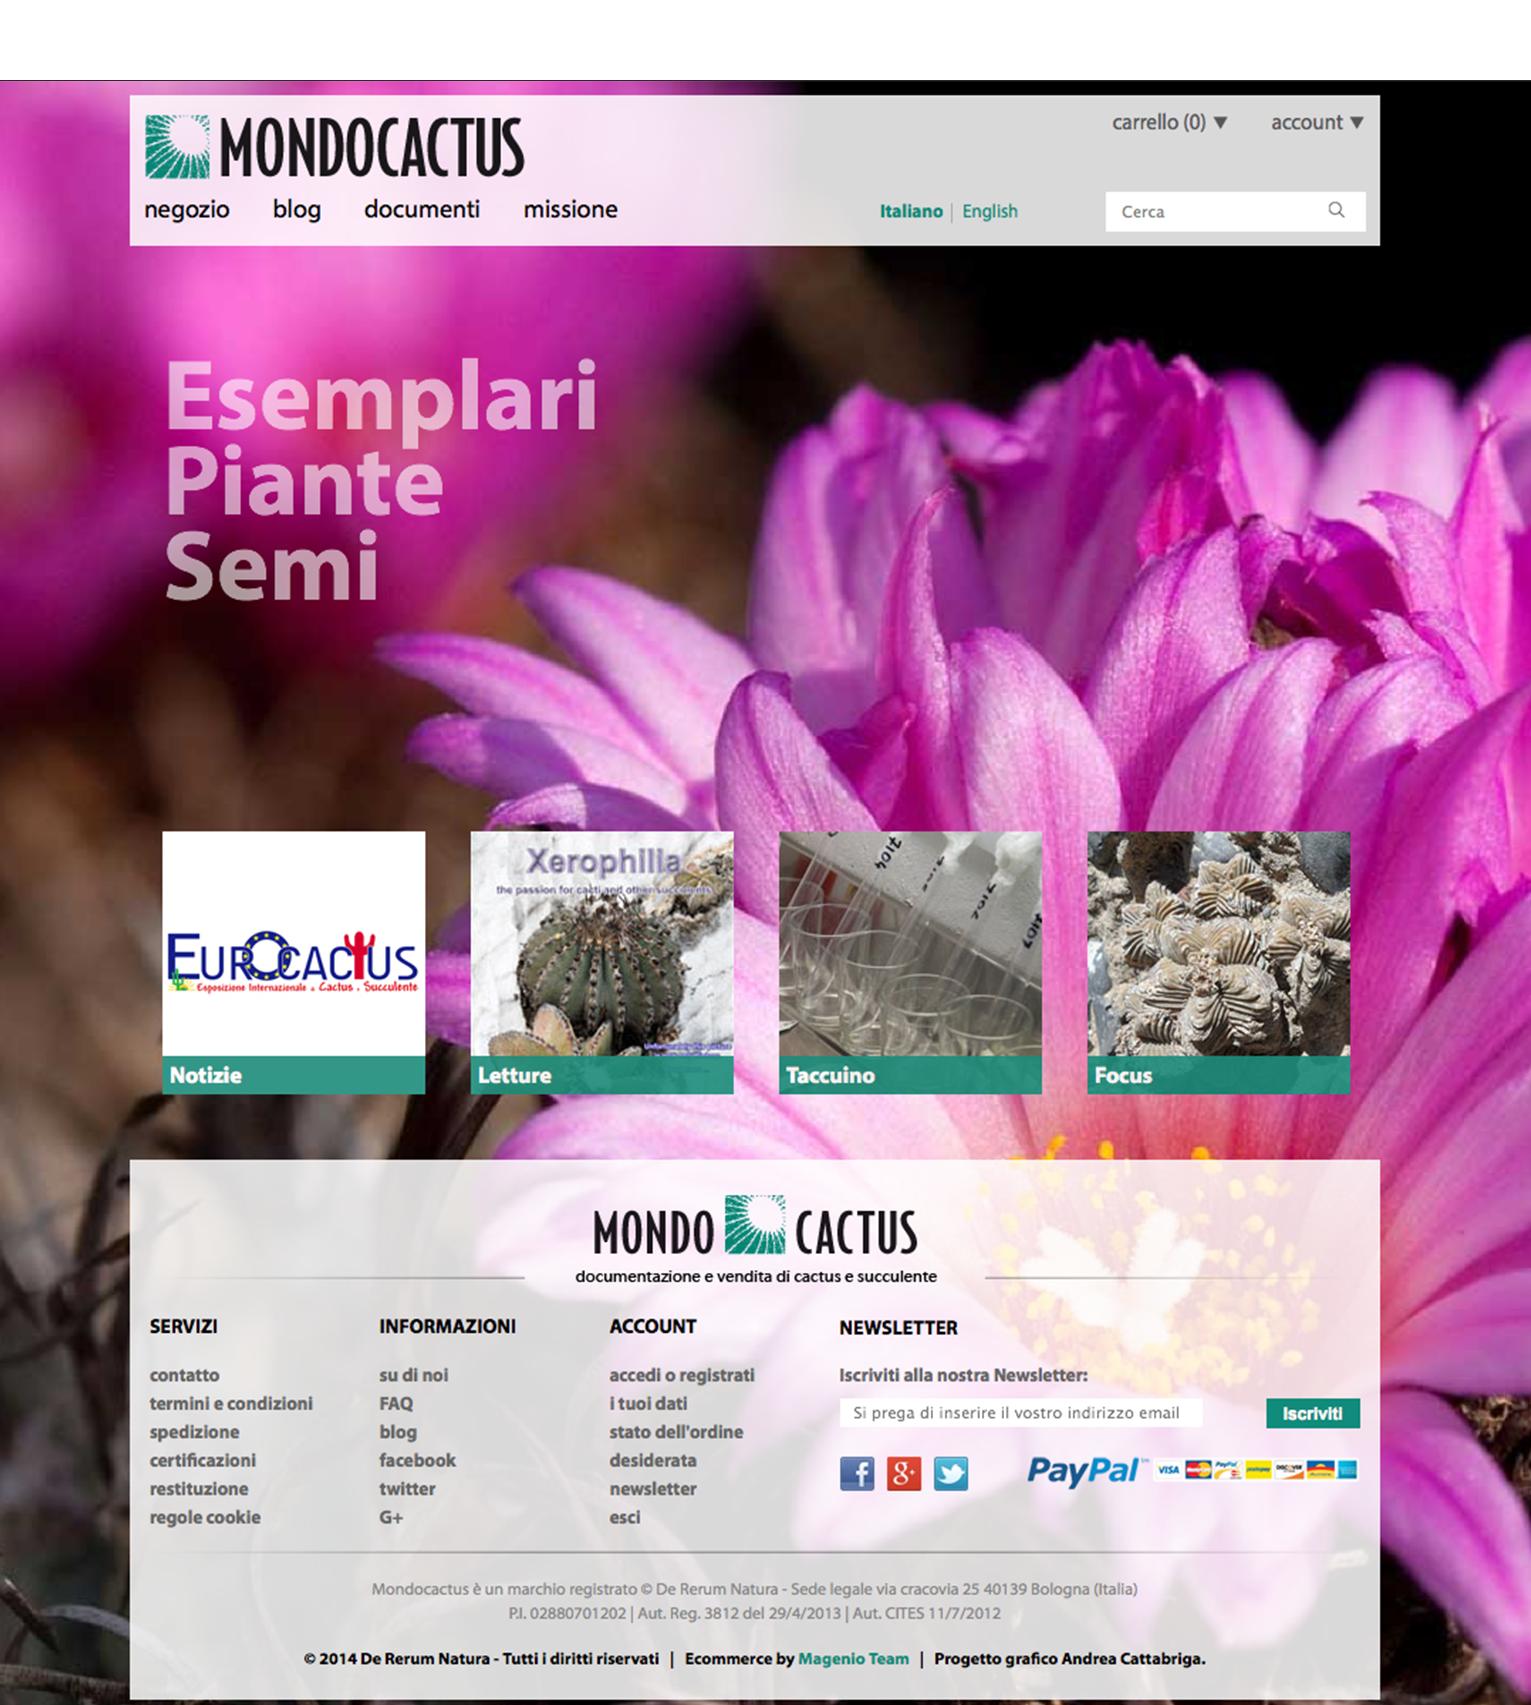 Mondocactus